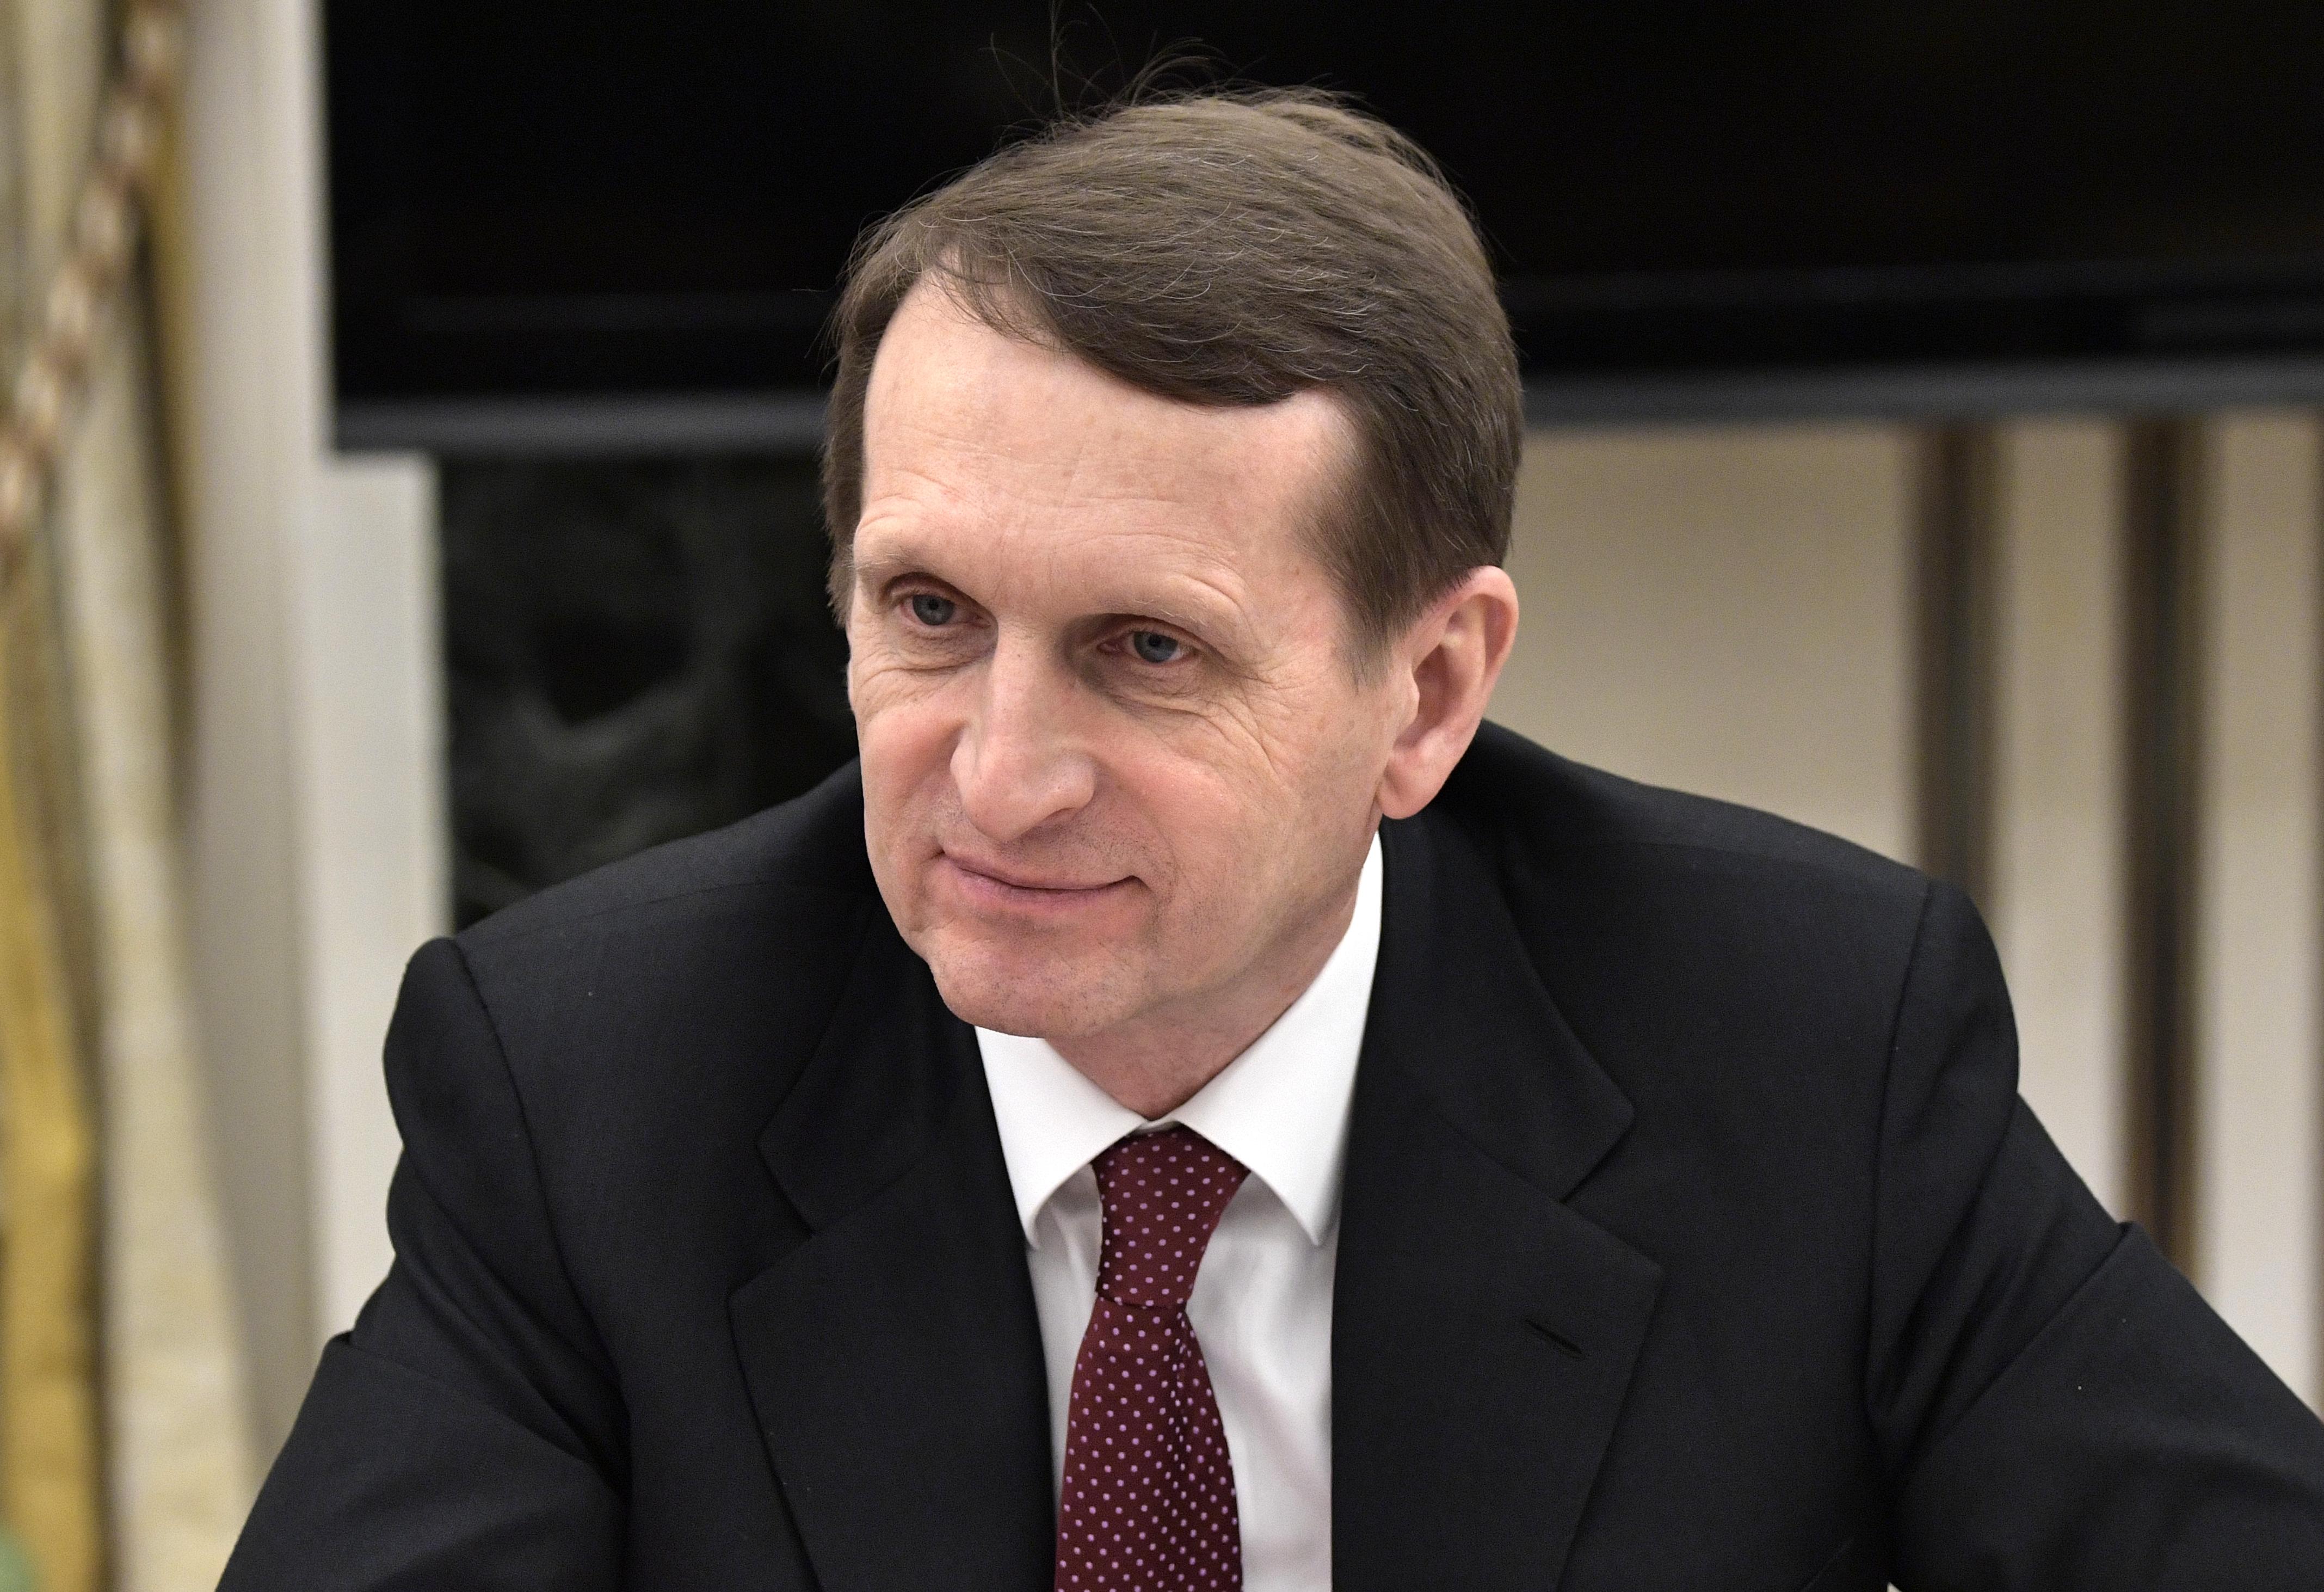 Az orosz kémfőnök a brit hatóságok aljas provokációjának tartja a Szkripal-ügyet